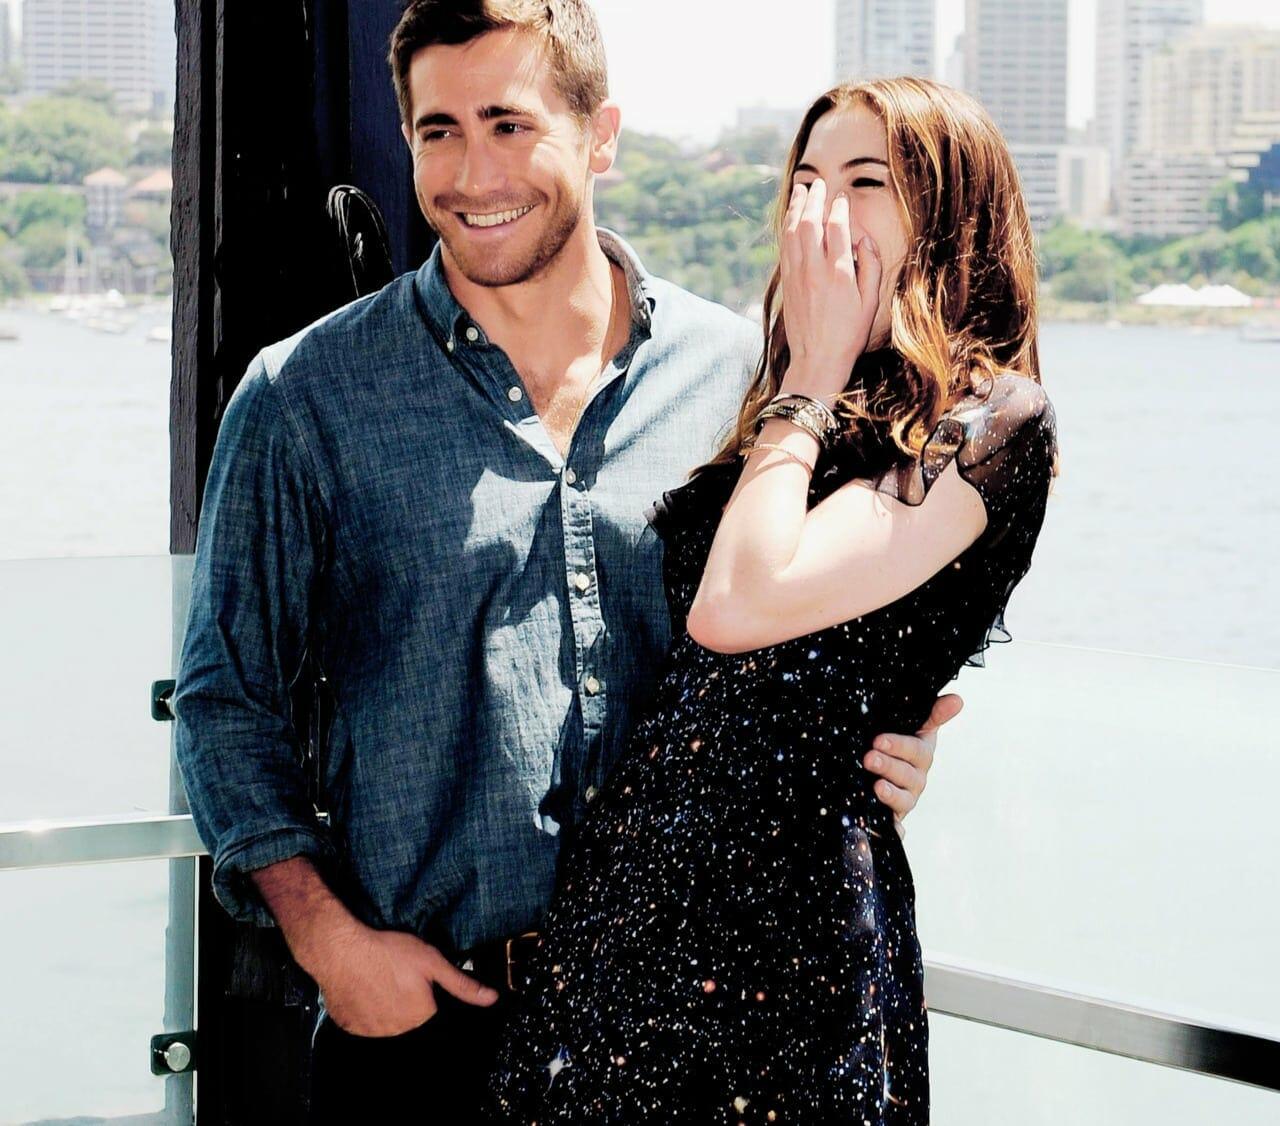 Jake Gyllenhaal és Anne Hathaway közös fotózása a Szerelem és más drogok c. mozifilm kapcsán.